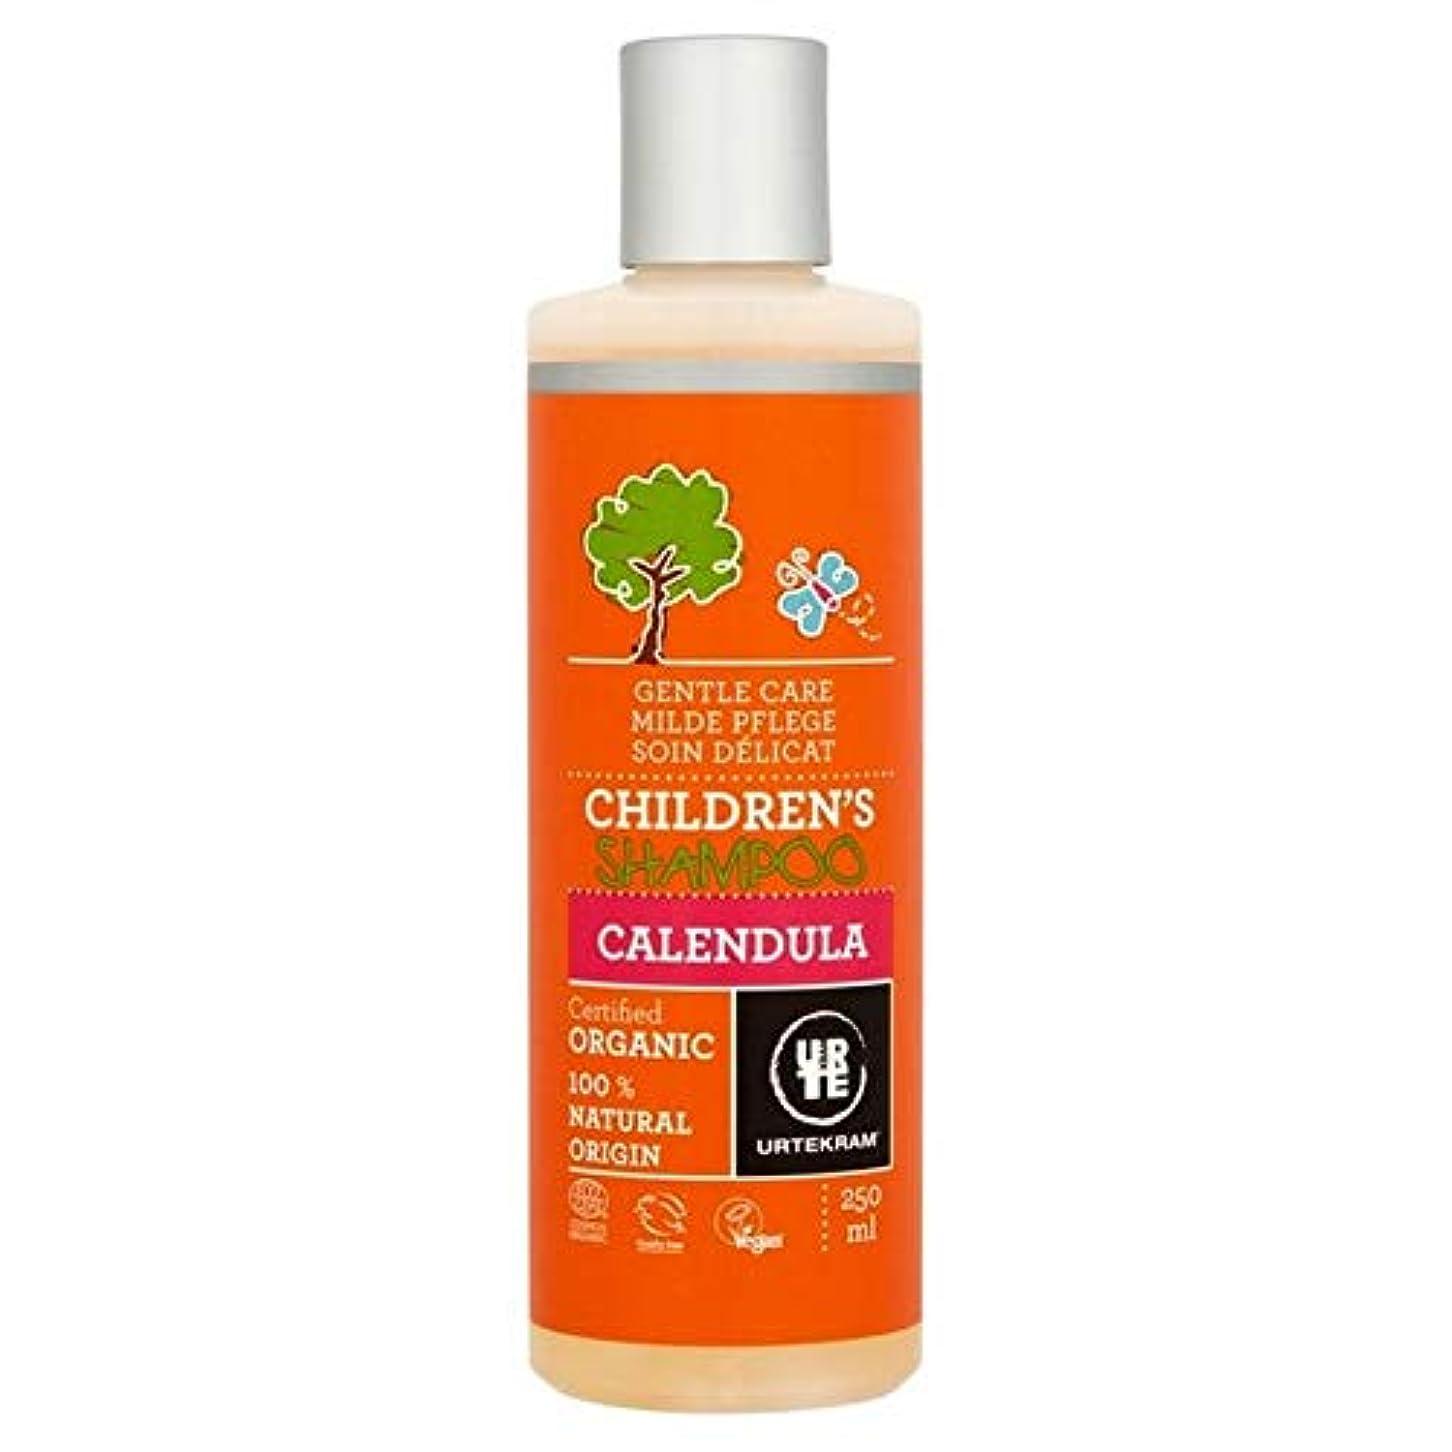 ユニークな問い合わせ元気[Urtekram] Urtekram子供のシャンプーキンセンカ香りなしの250ミリリットル - Urtekram Children's Shampoo Calendula No Fragrance 250ml [並行輸入品]